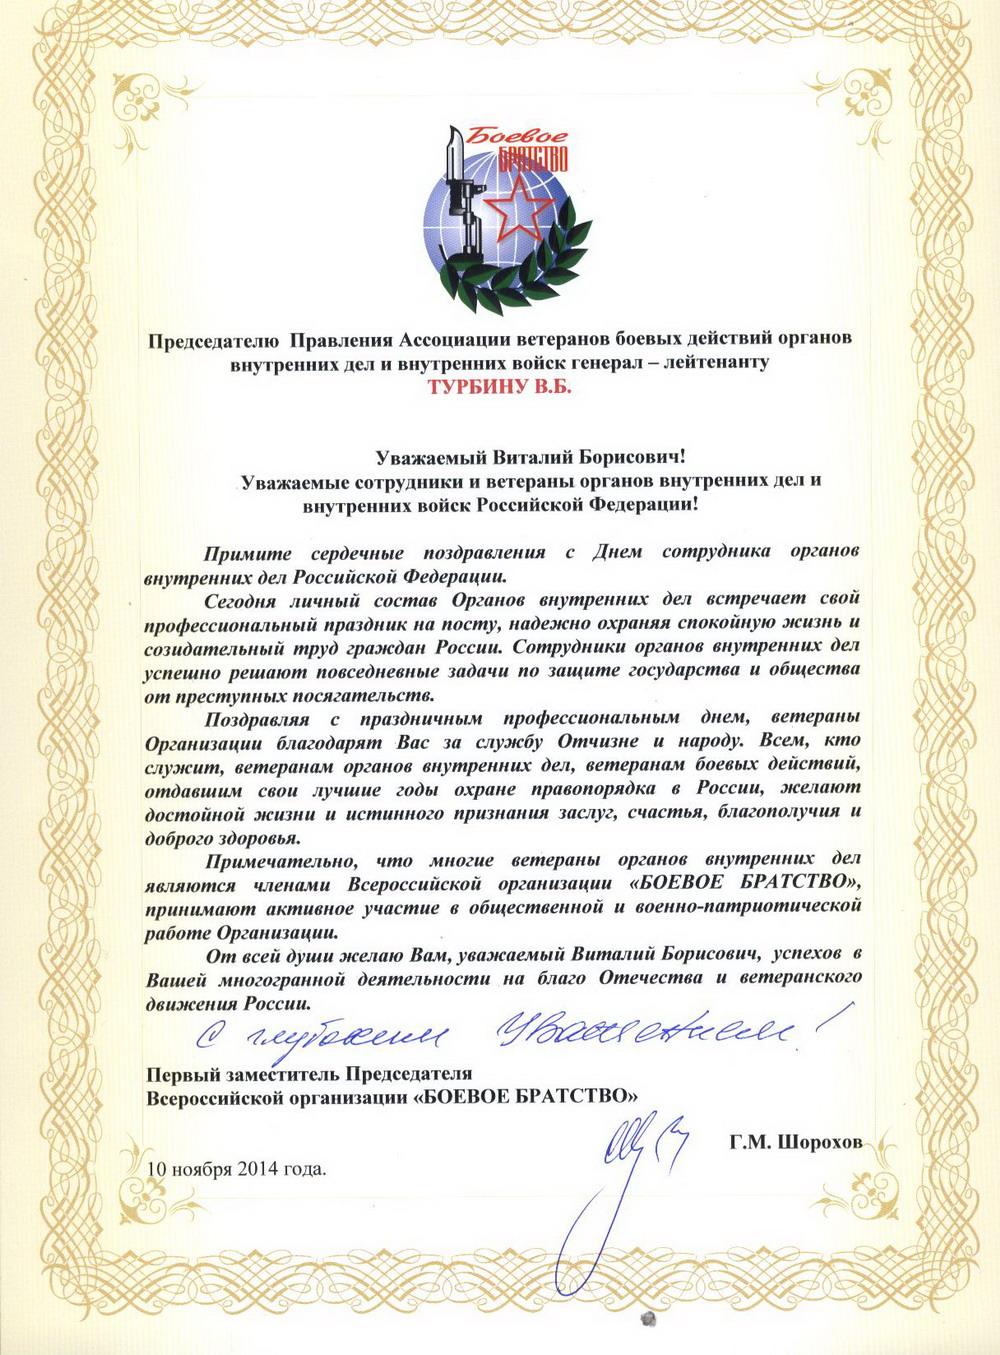 Поздравления организации боевое братство